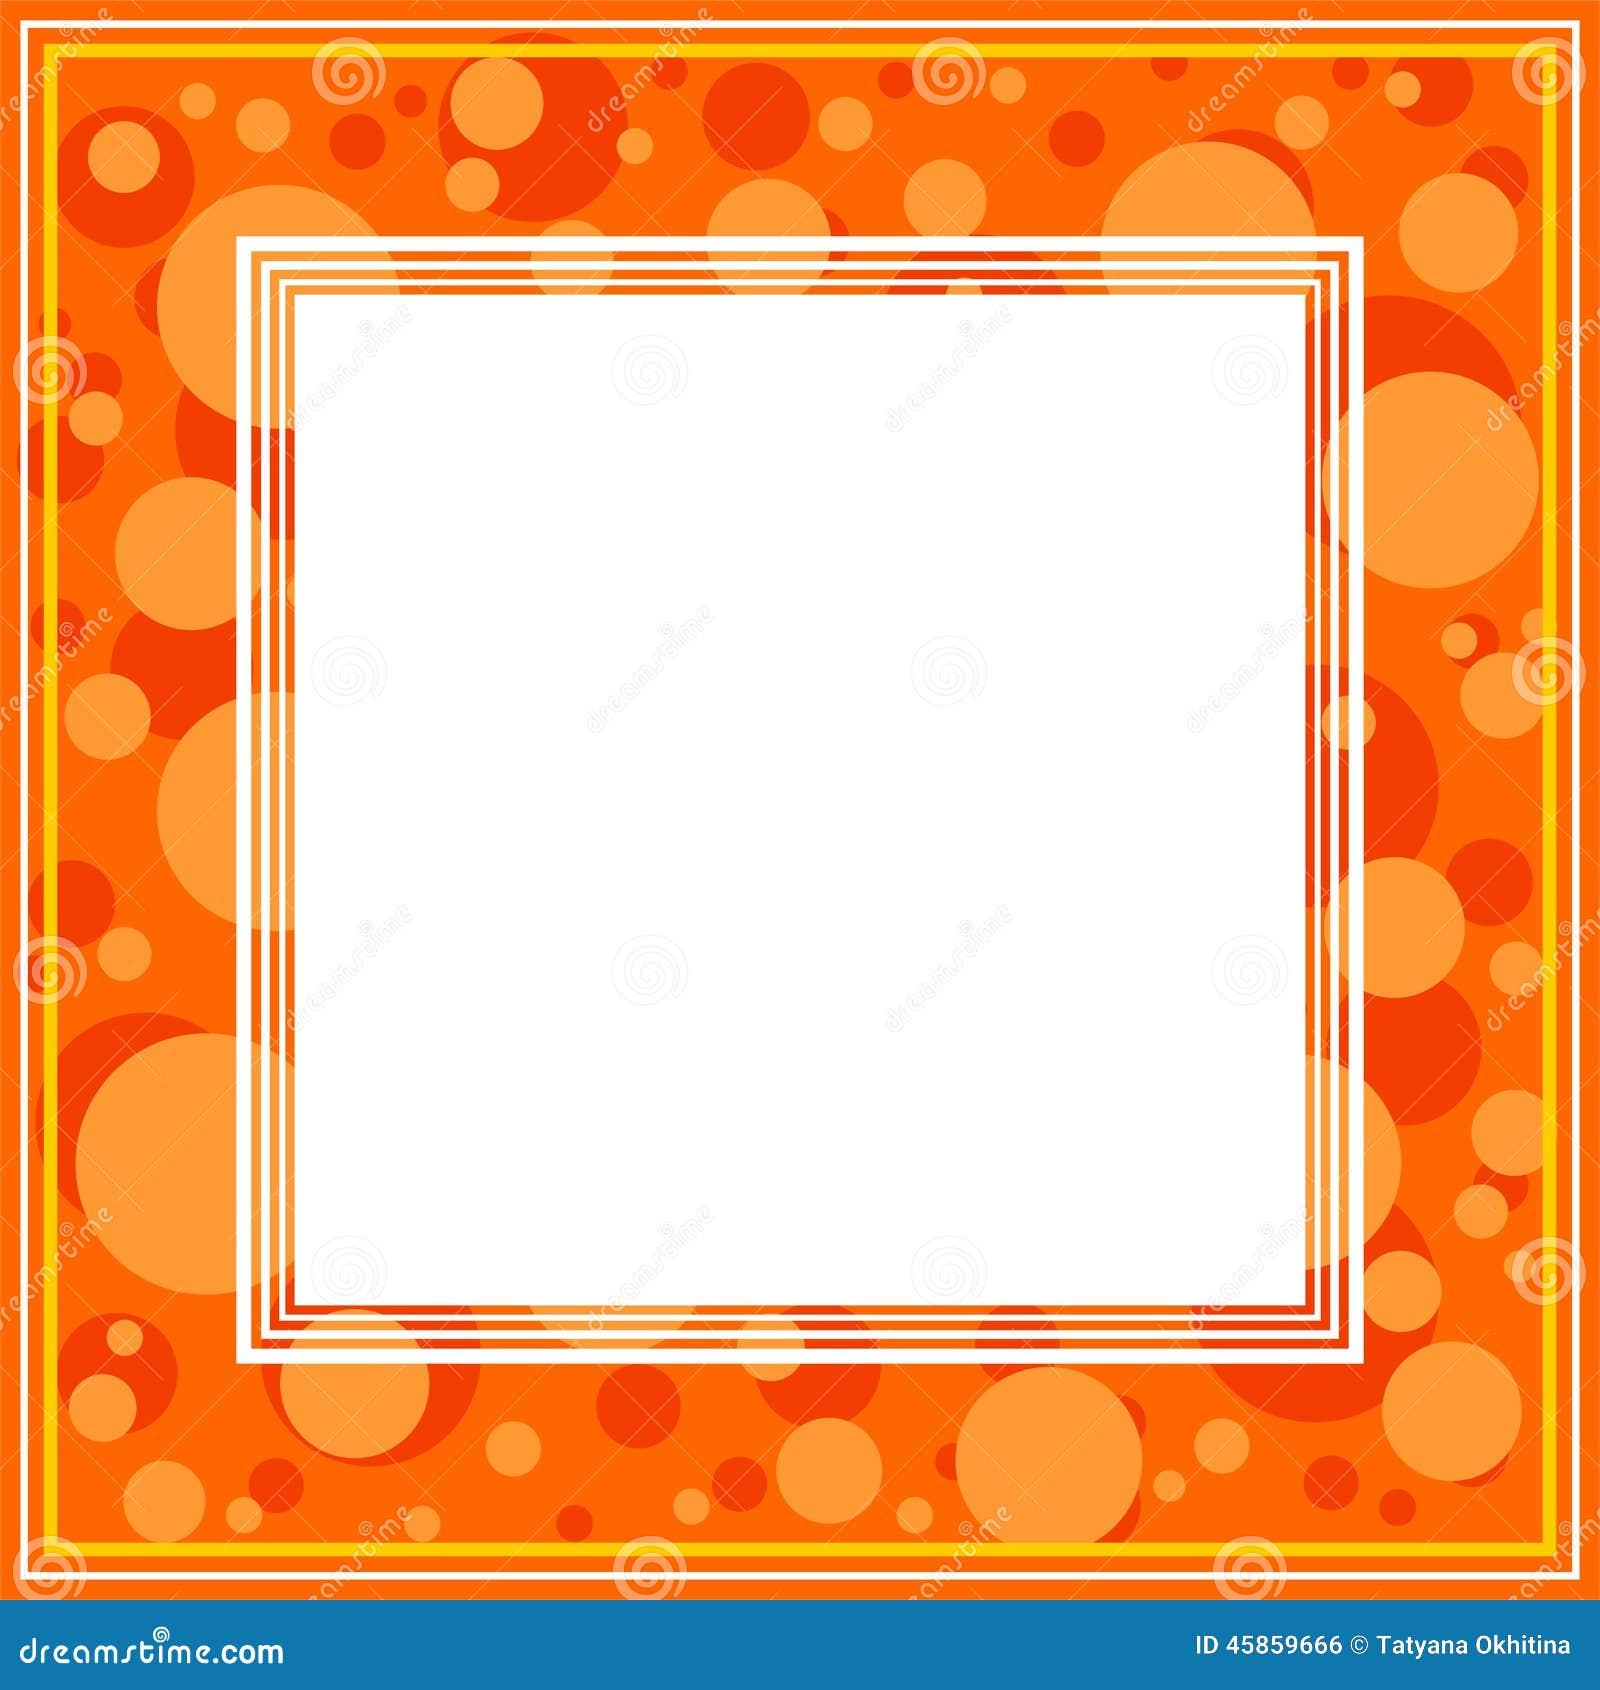 Abstrakte grenze mit punkten auf einem orange hintergrund